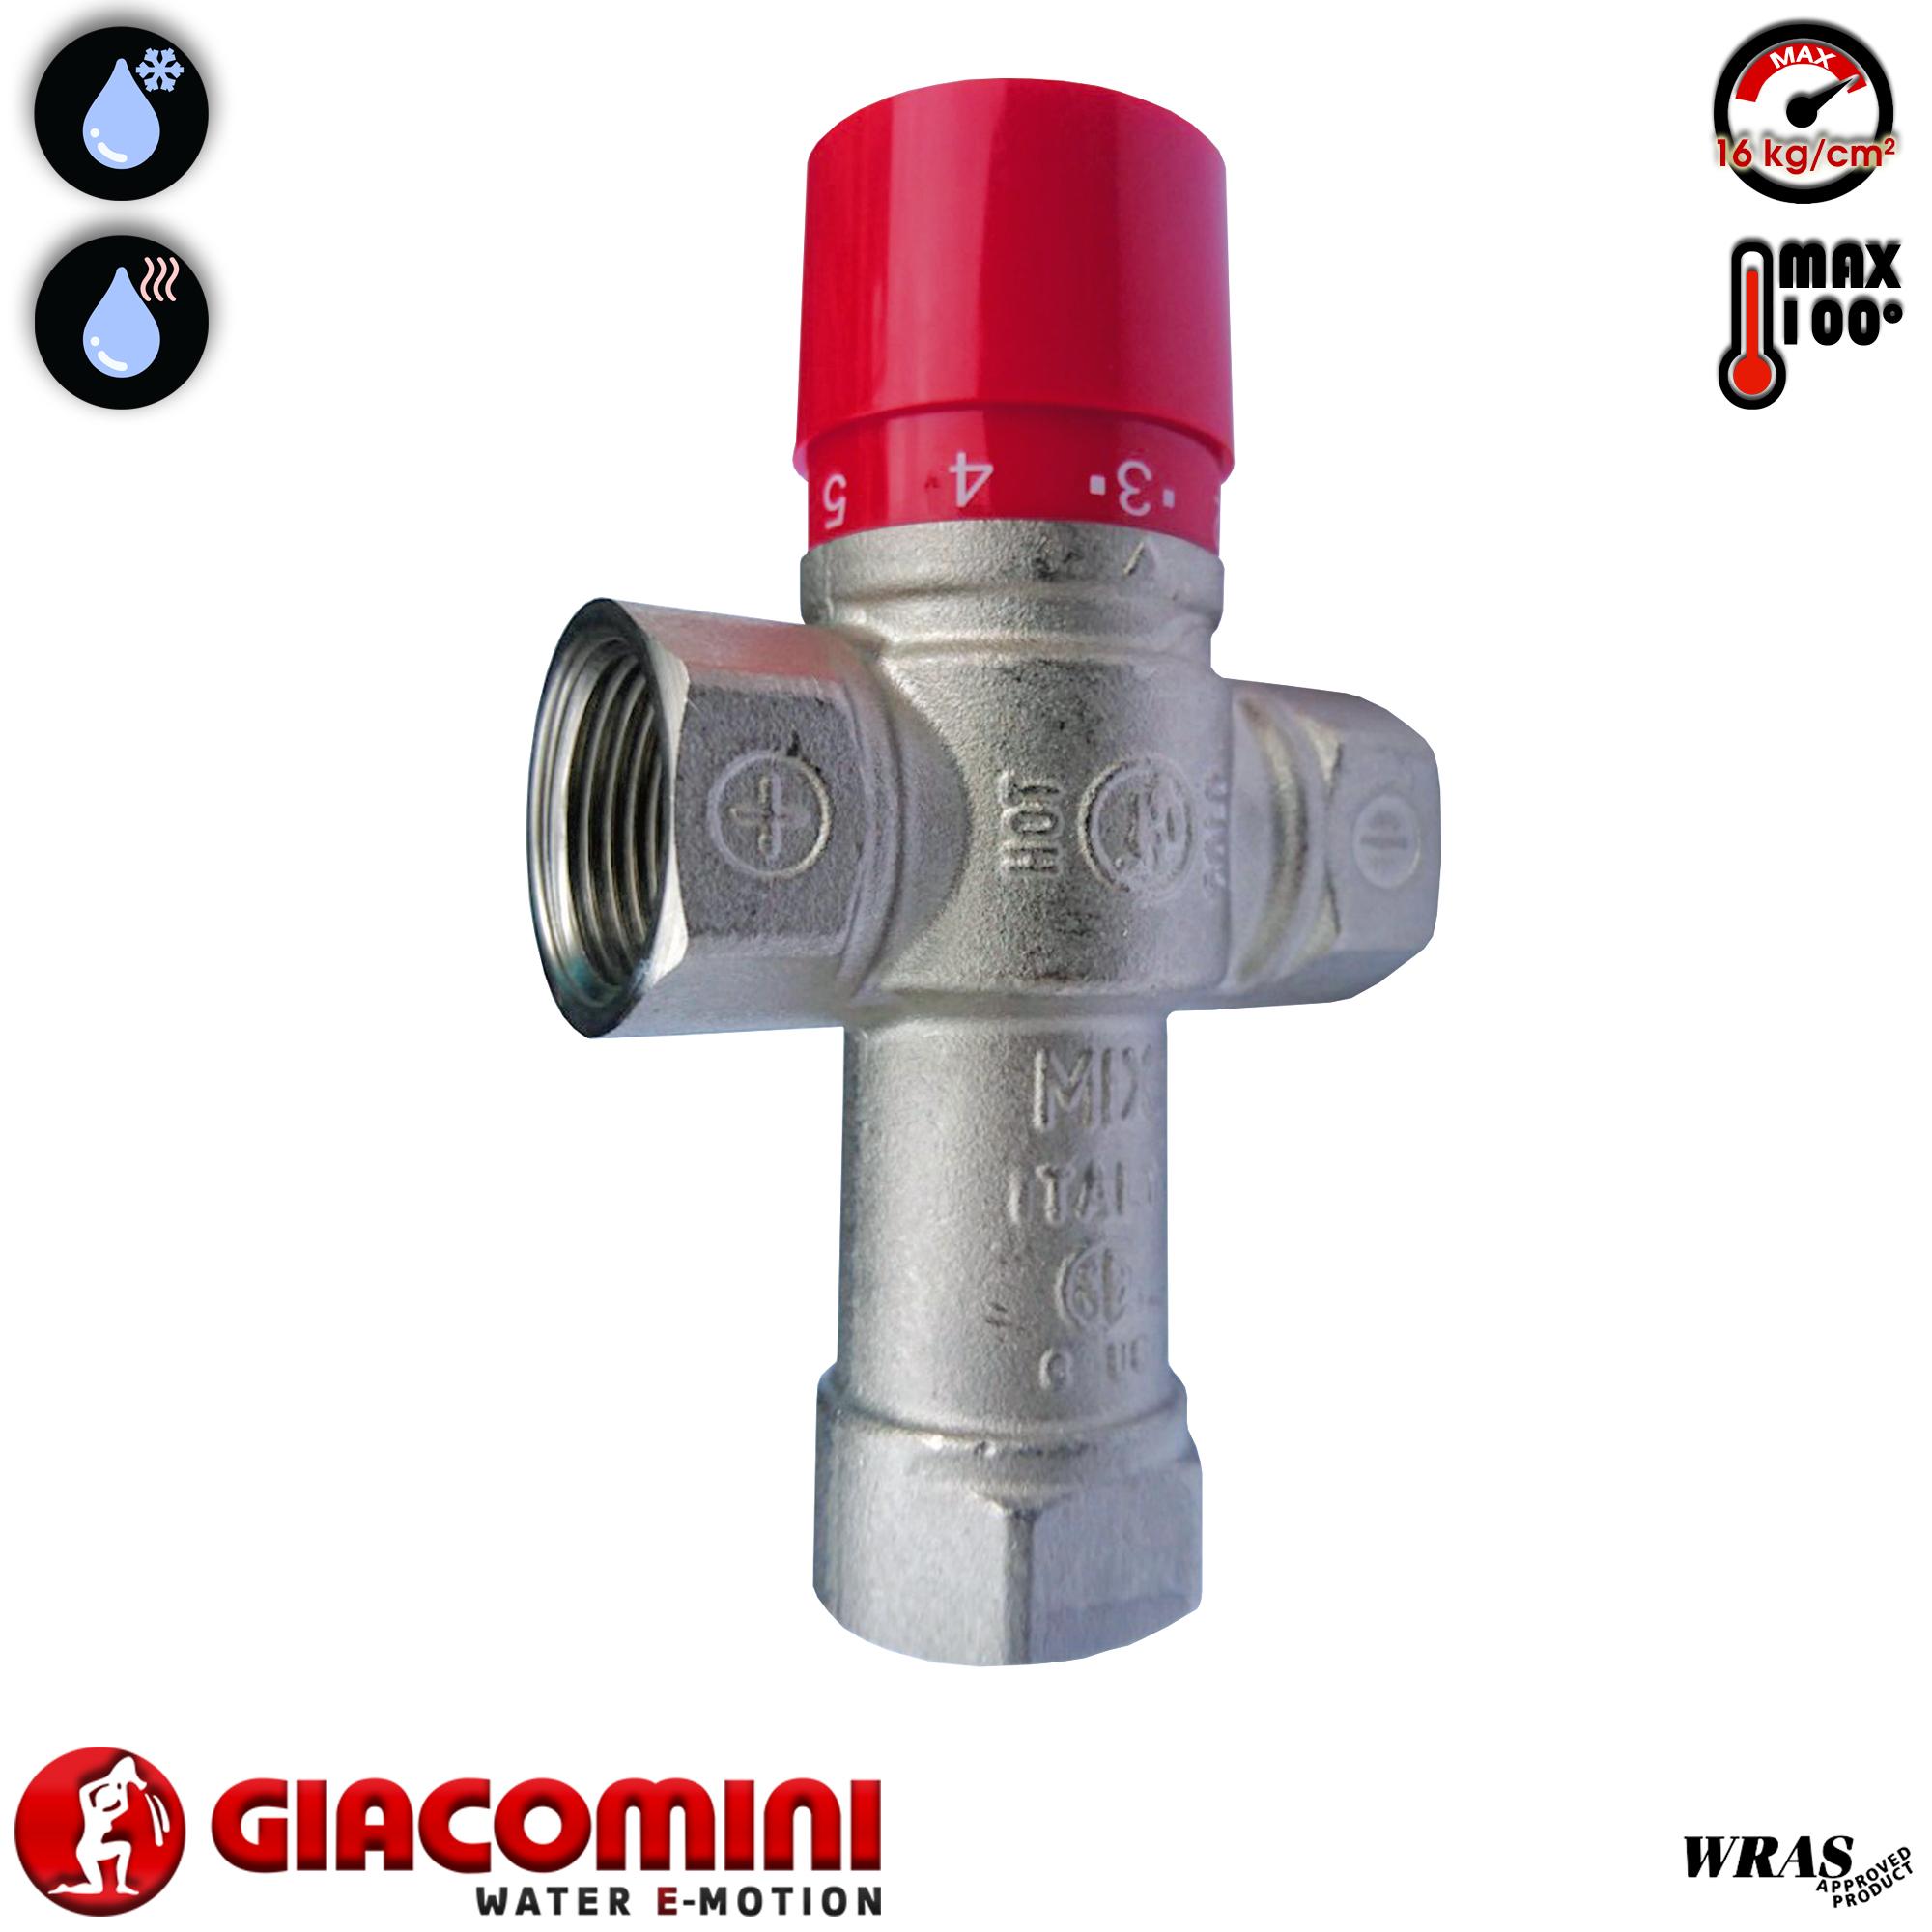 Van an toàn nhiệt Giacomini R156